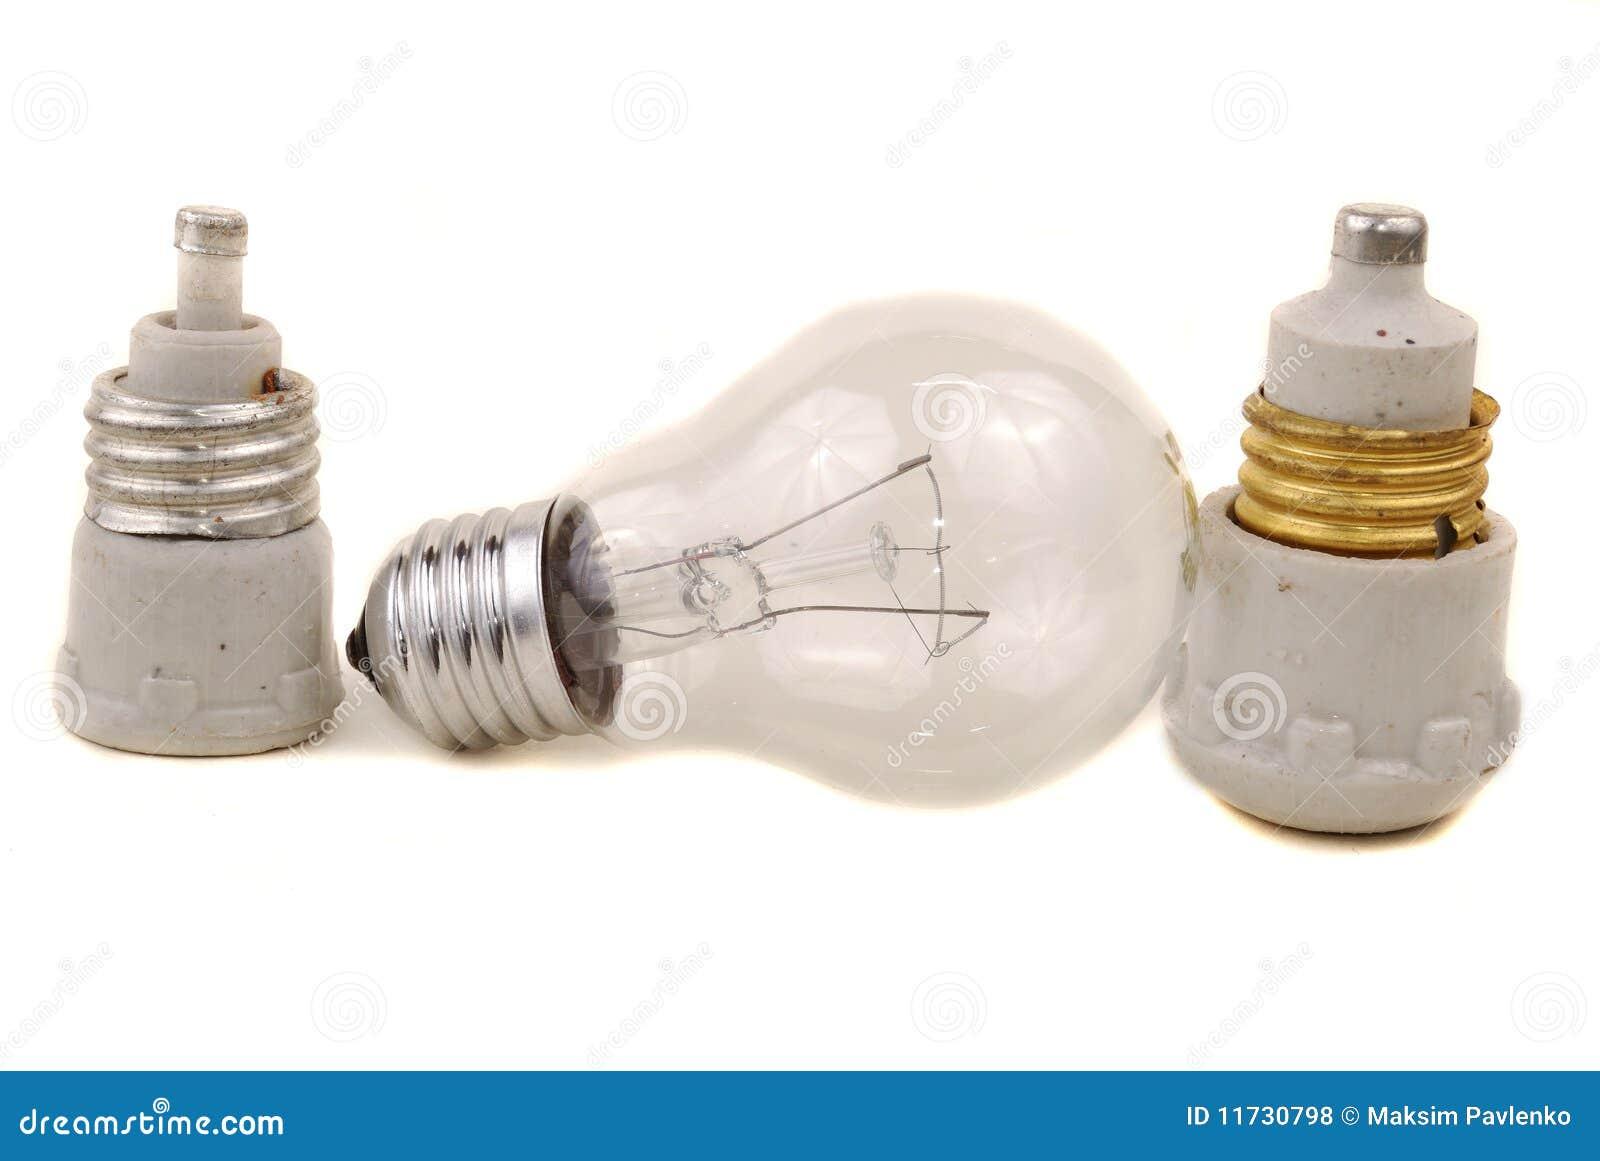 Elektrische Teile für Haus stockfoto. Bild von anschlüsse - 11730798